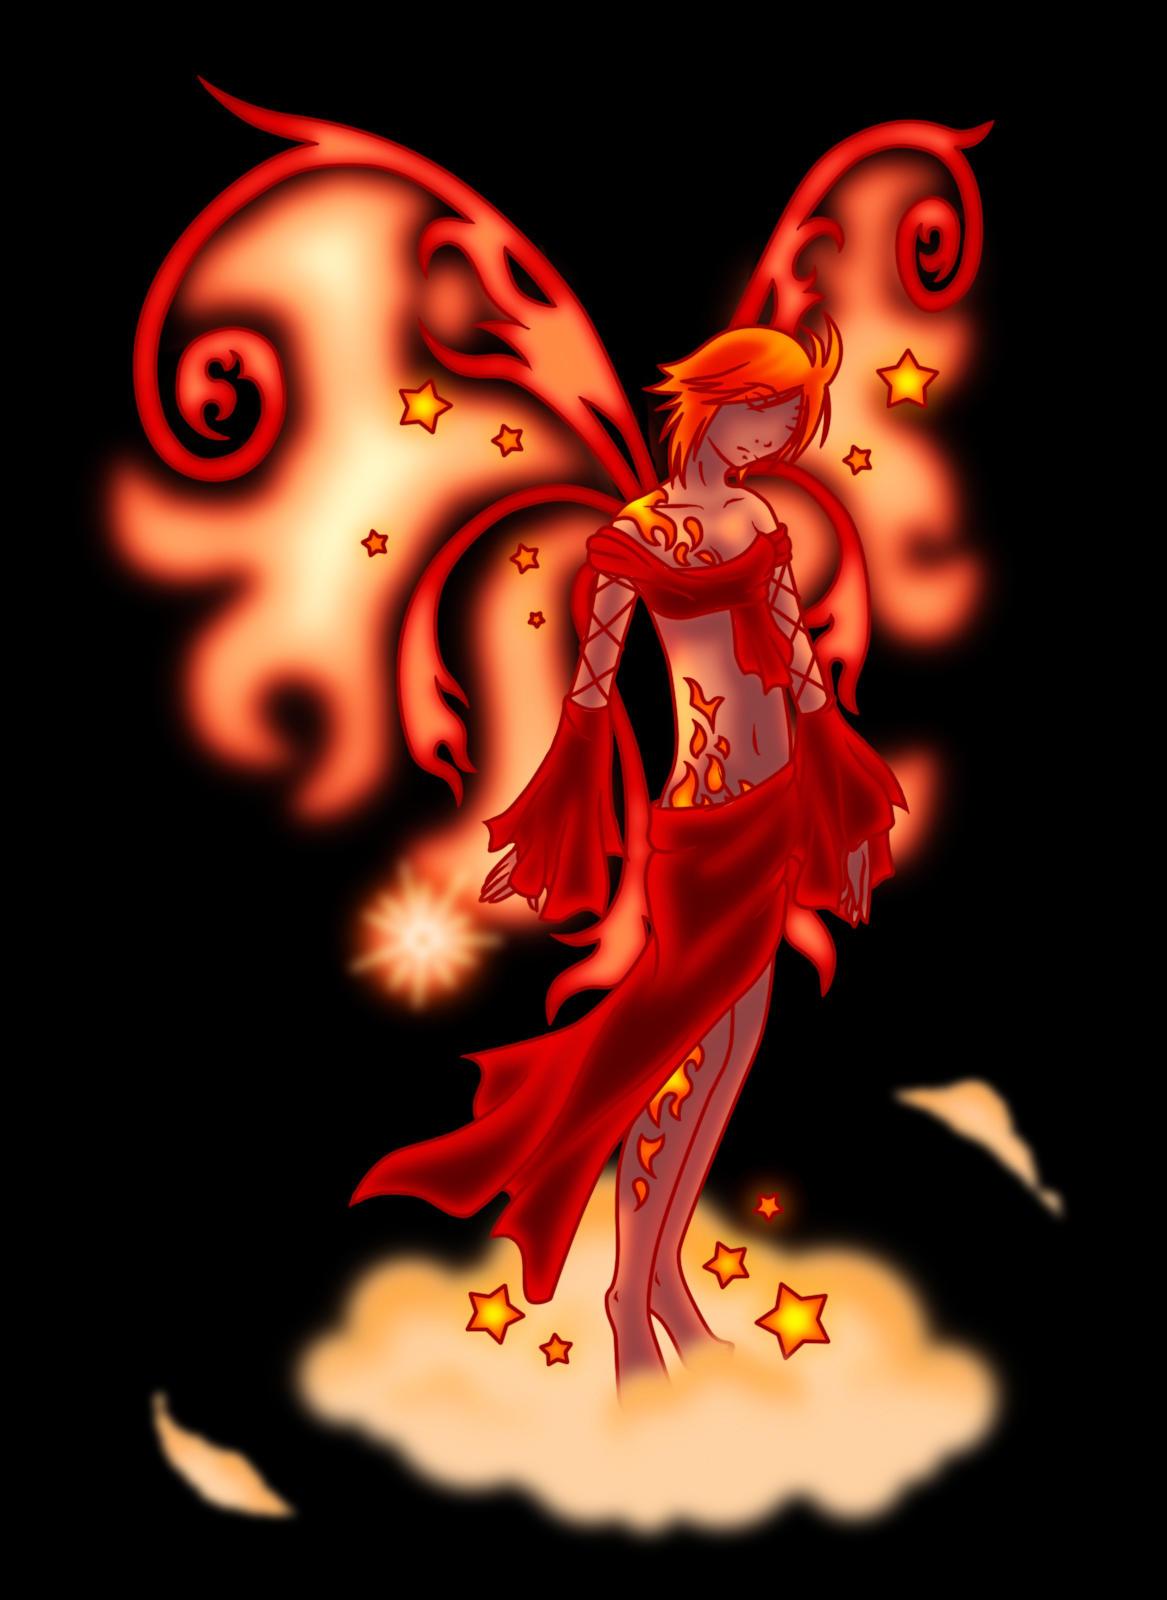 Fire Fairy by sheenaduquette on DeviantArt